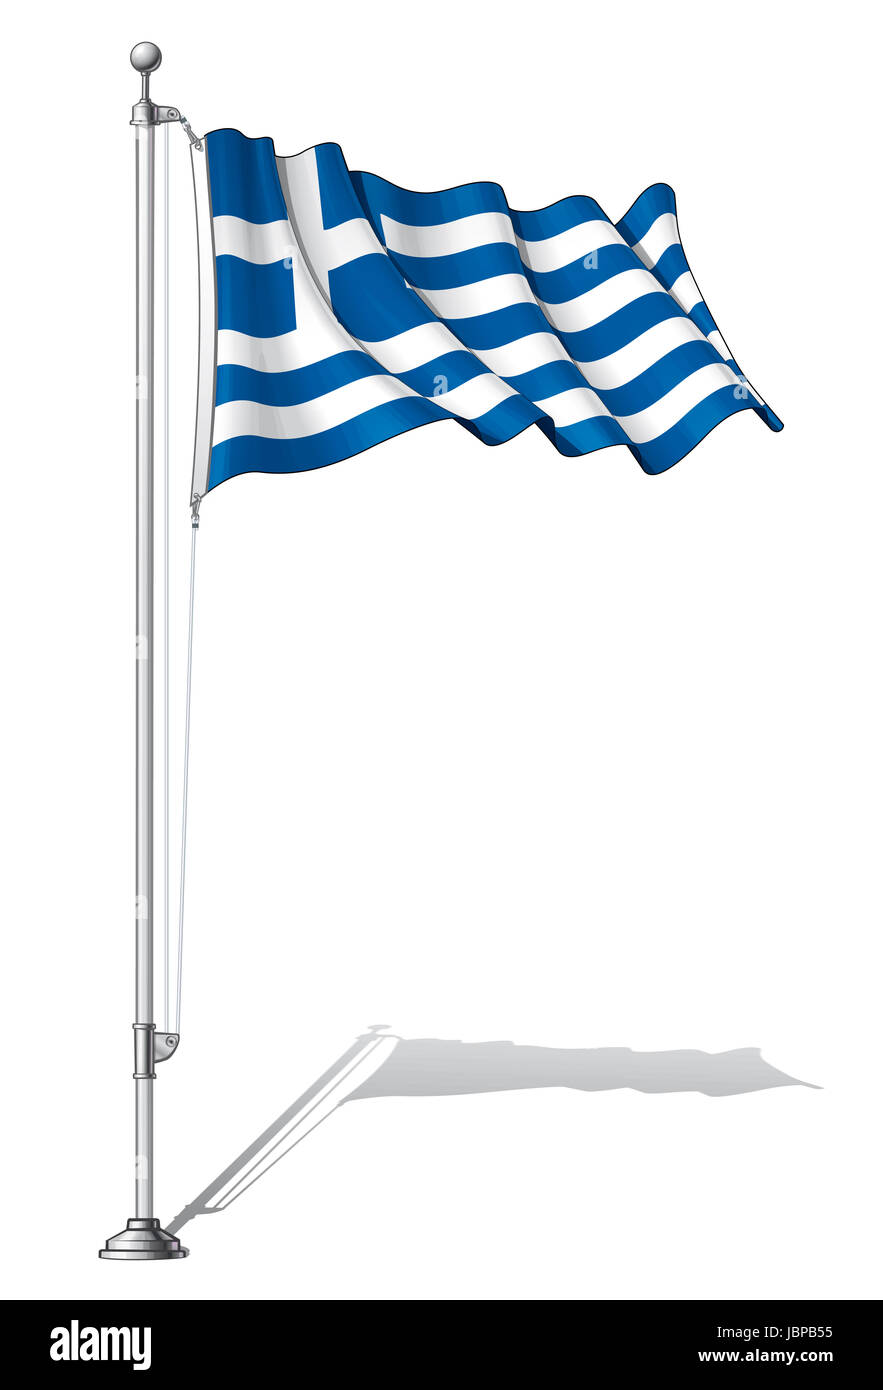 Ilustración Vectorial De Una Ondulante Bandera Griega Fijar